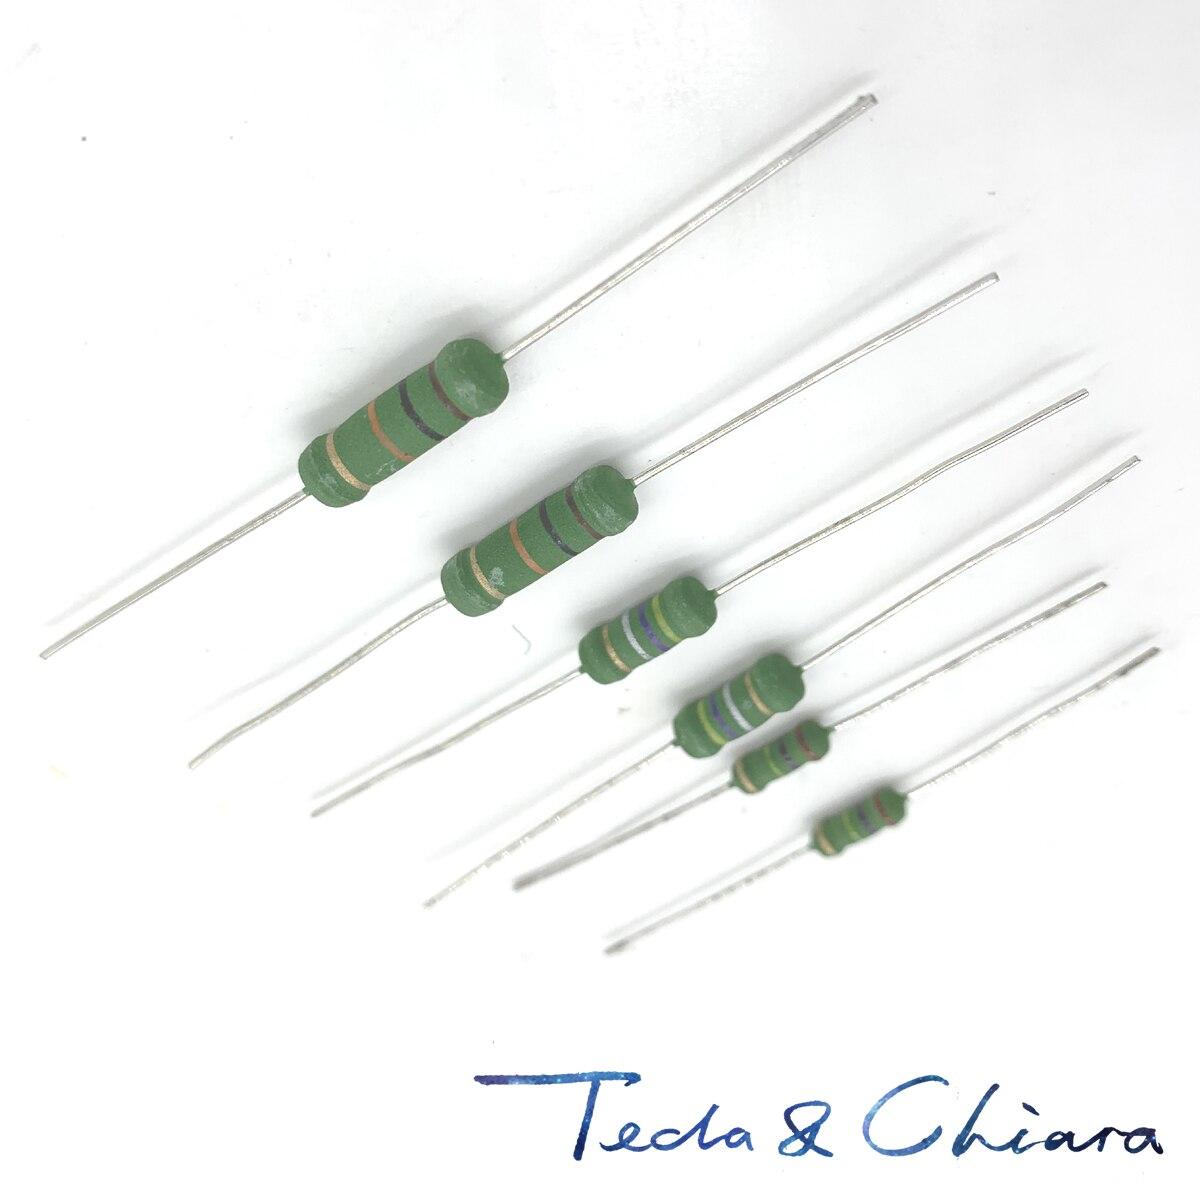 100Pcs 2W 2WS 1K 1.1K 1.2K 1.5K 1.8K 2K 2.2K 2.4K 2.7K 3K 3.3K 3.6K 4x11 Small Metal Oxide Film Resistor Color Ring Resistance